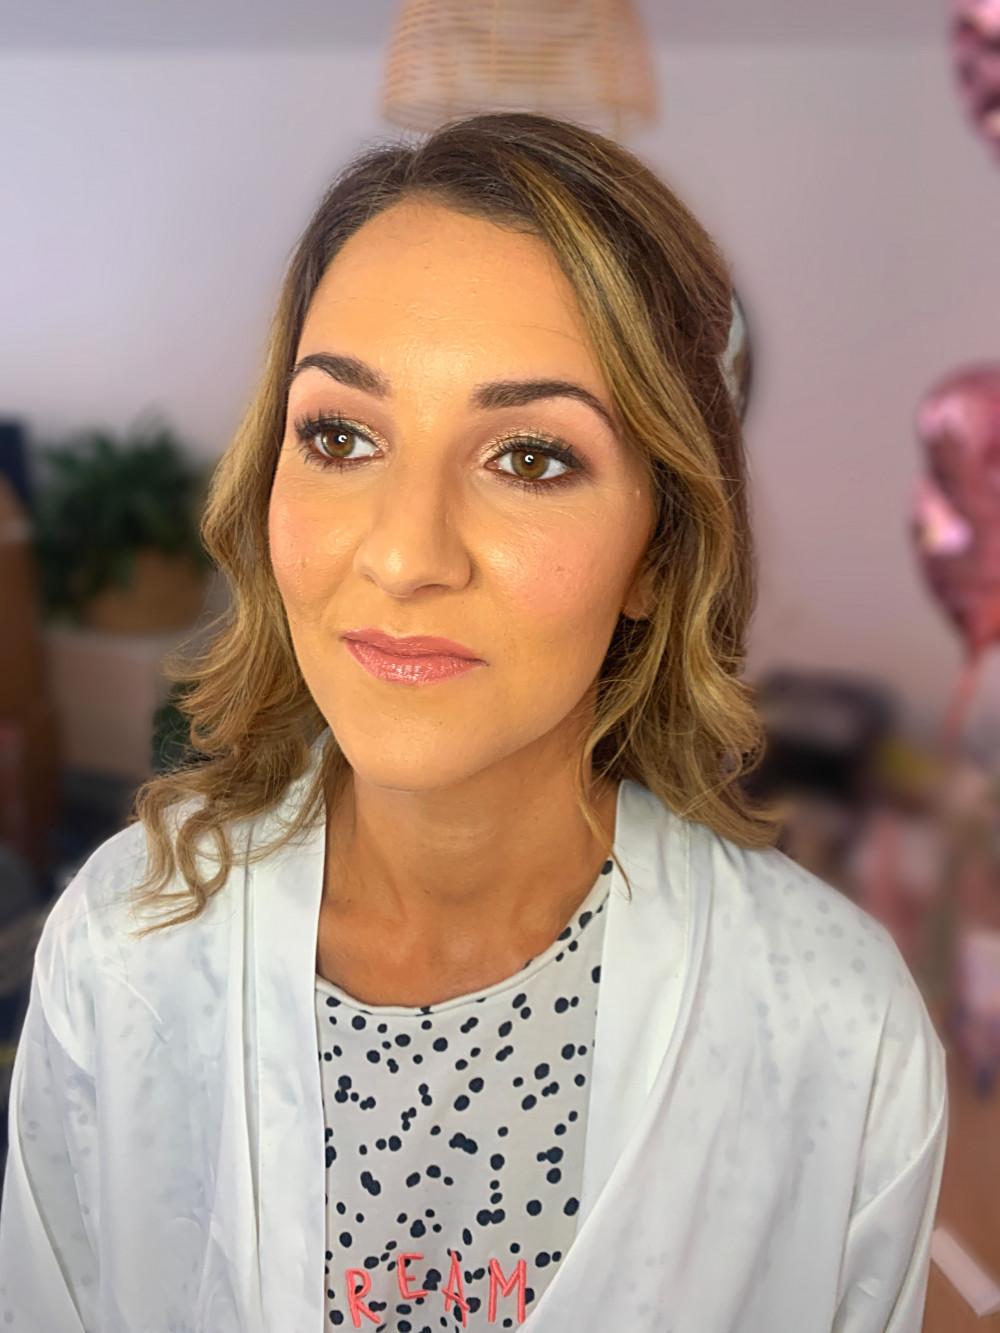 - Make Me Bridal Artist: Makeup by Corrina. #bridalmakeup #glowingmakeup